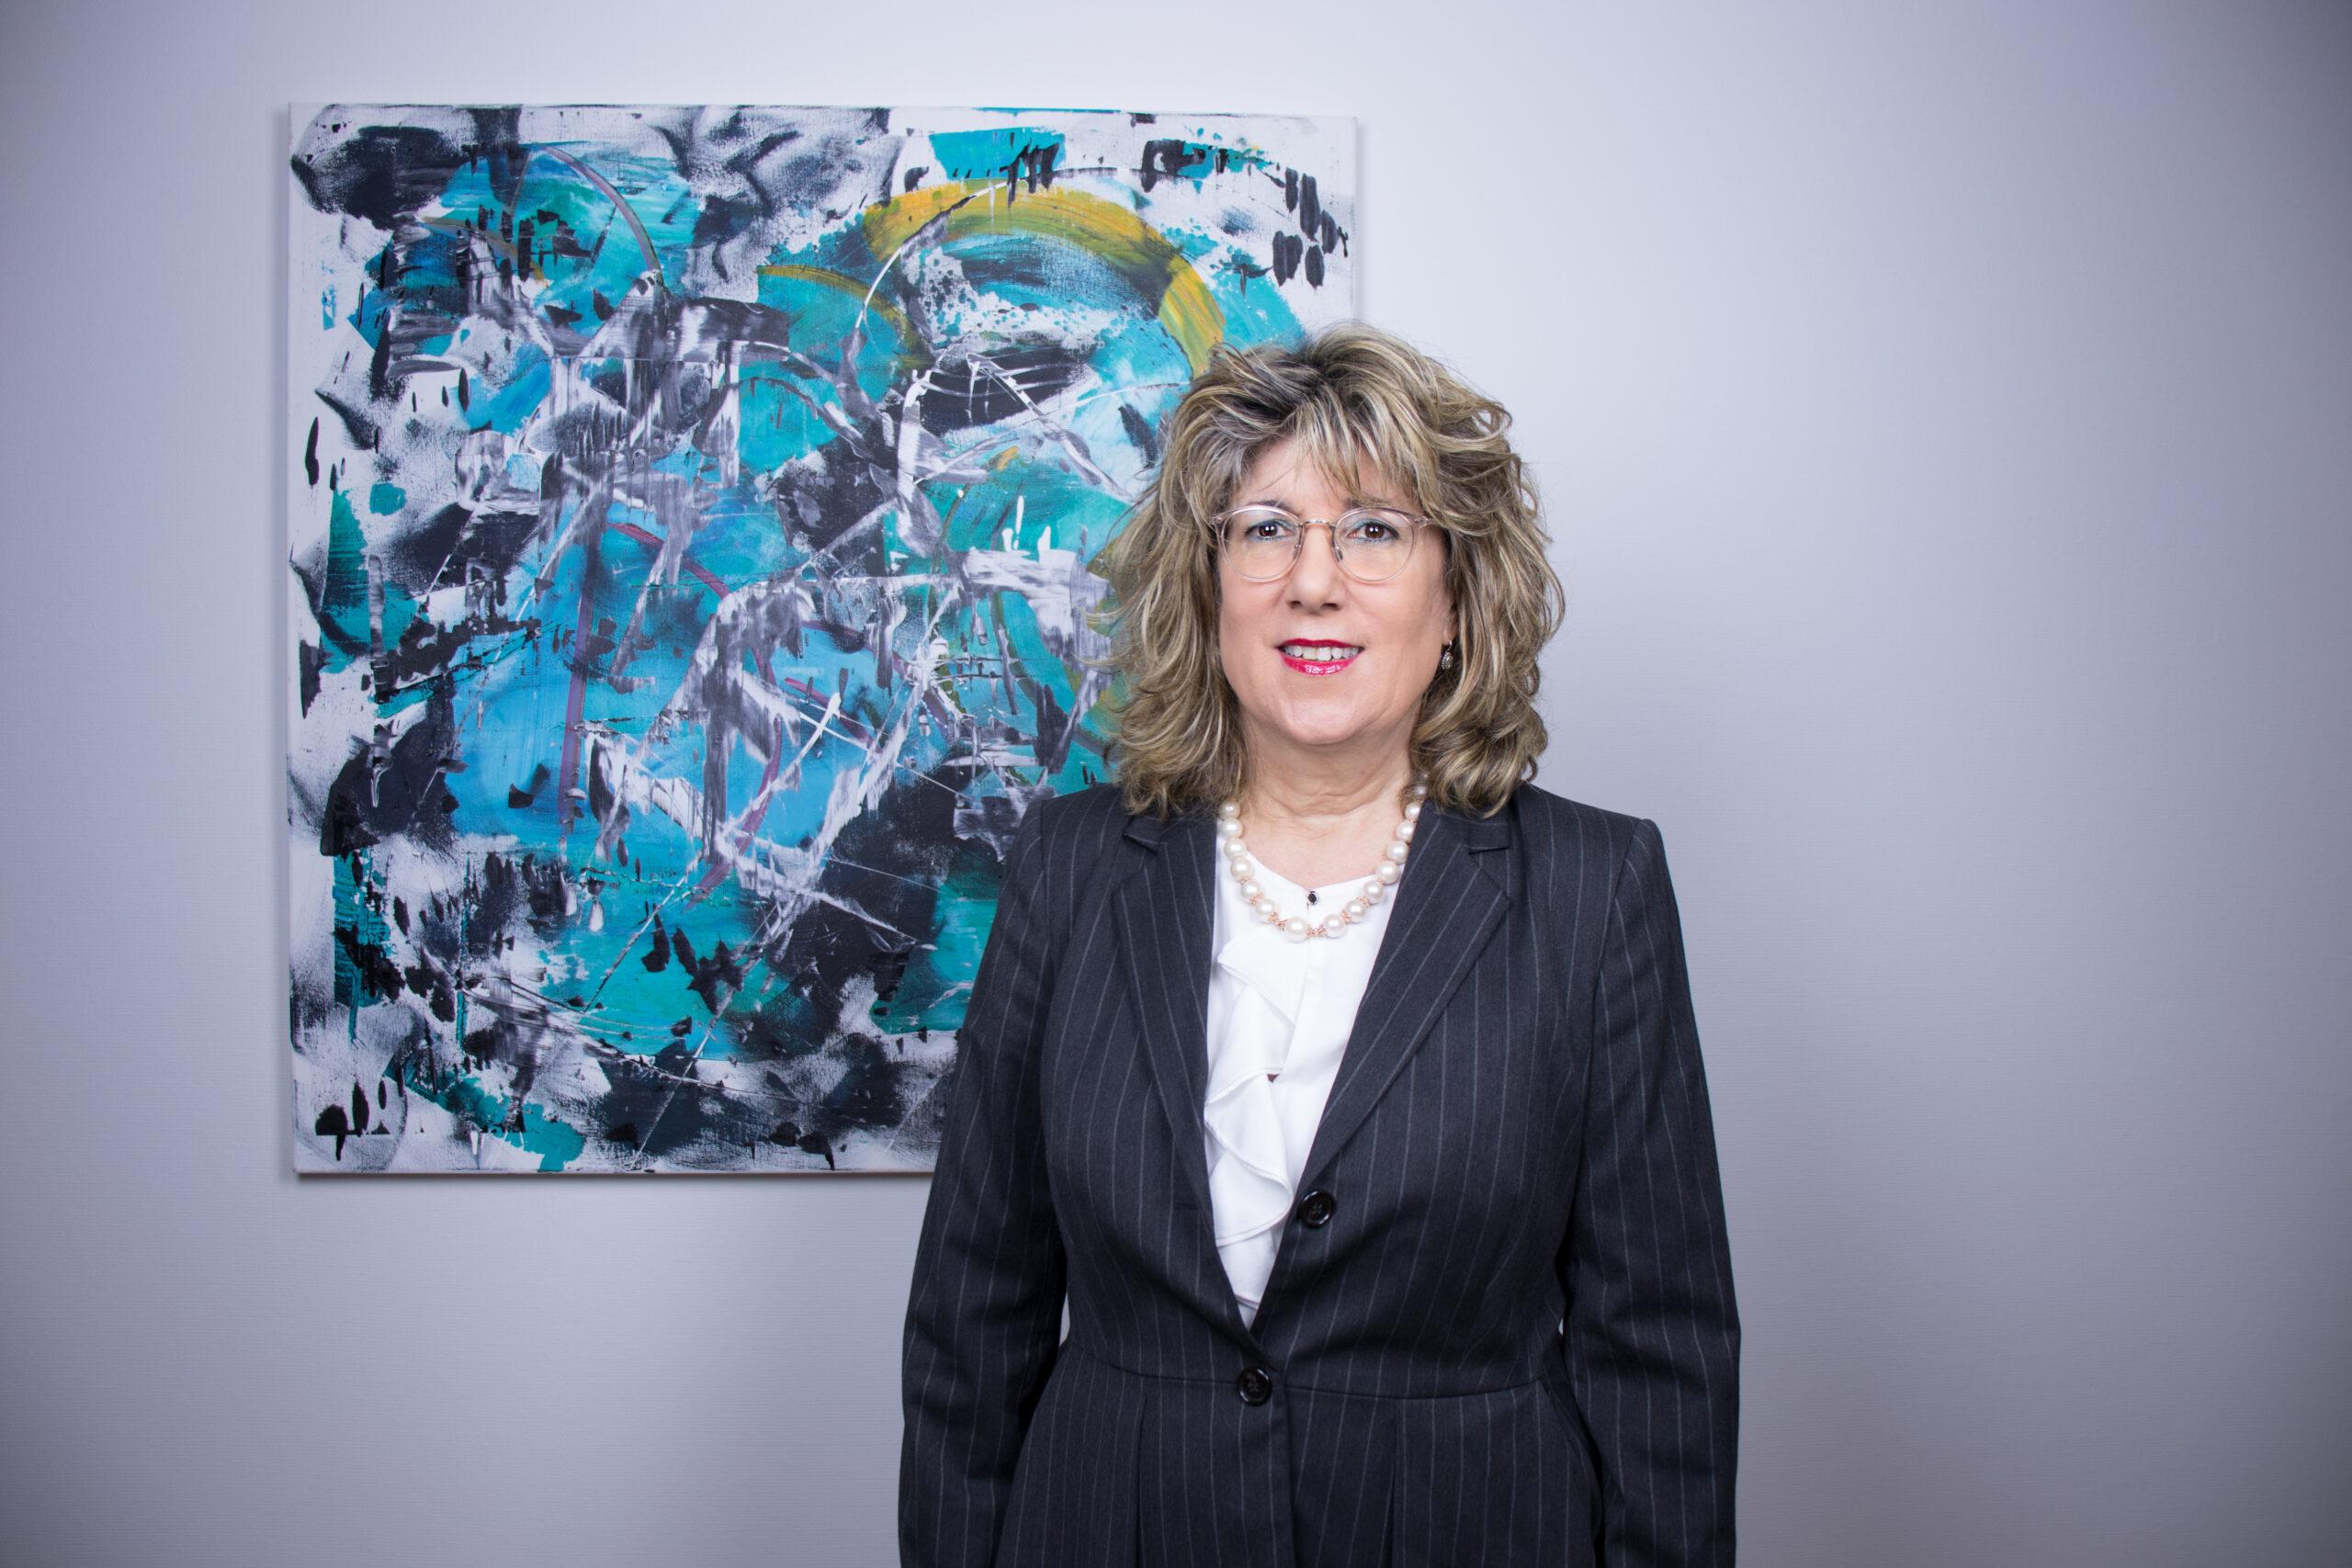 Linda Zurkinden-Erismann